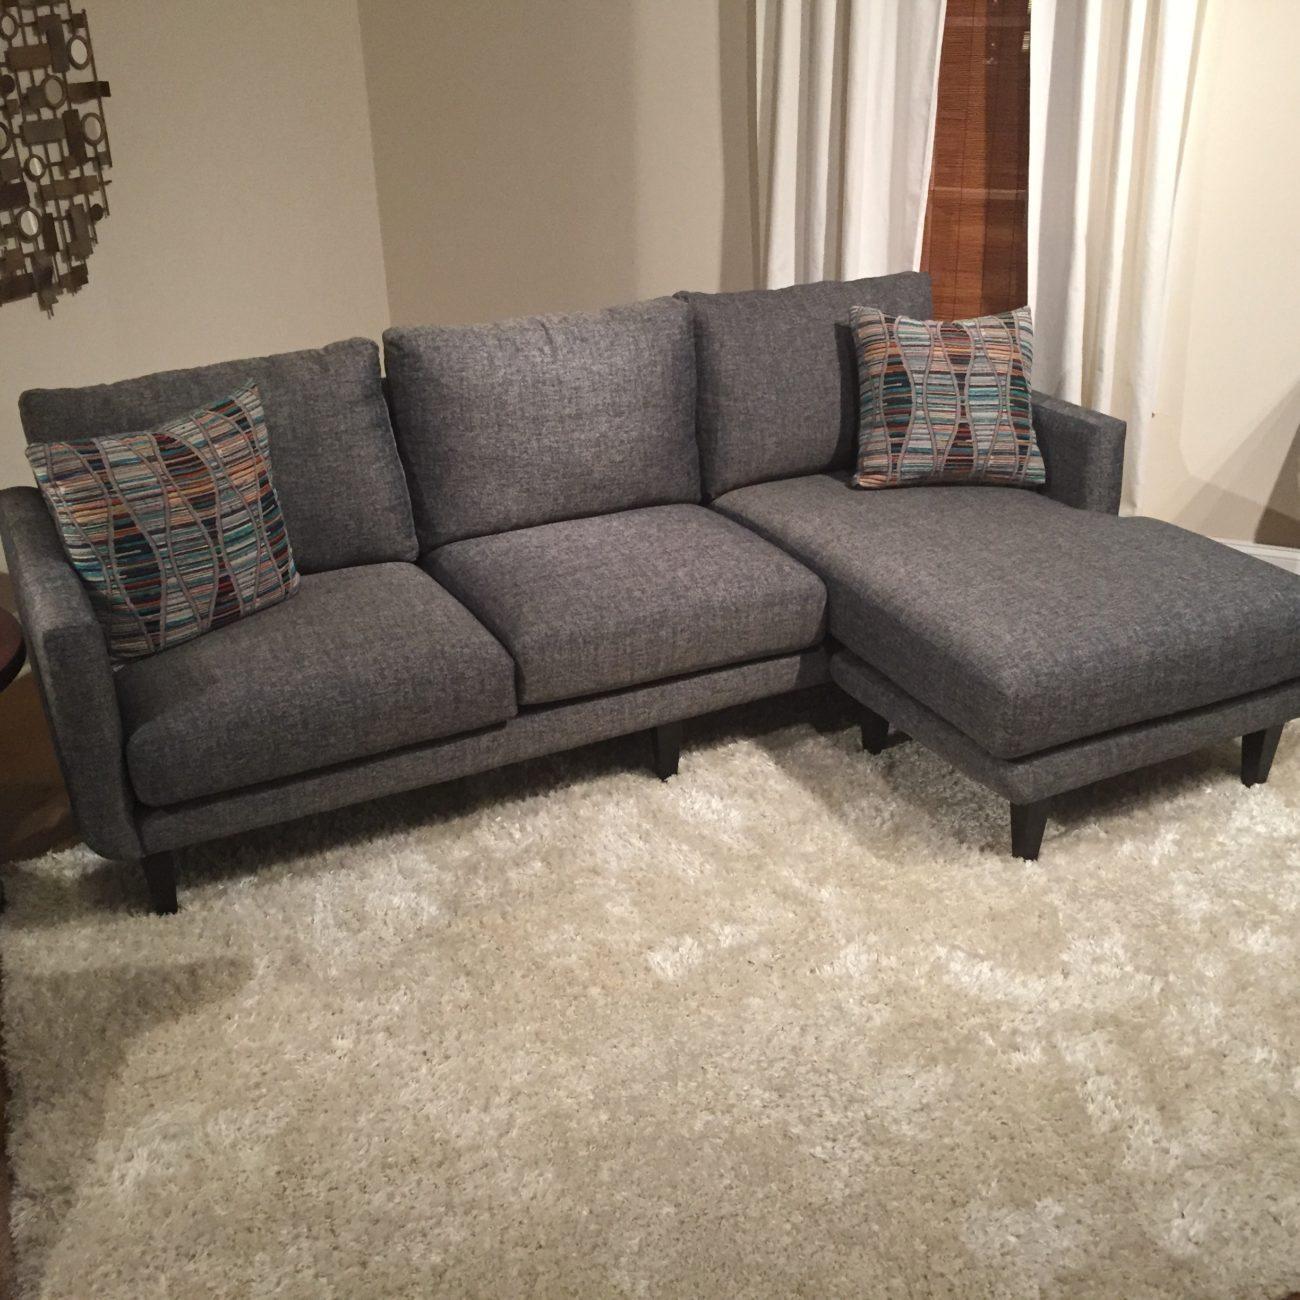 Benji Upholstered Sectional